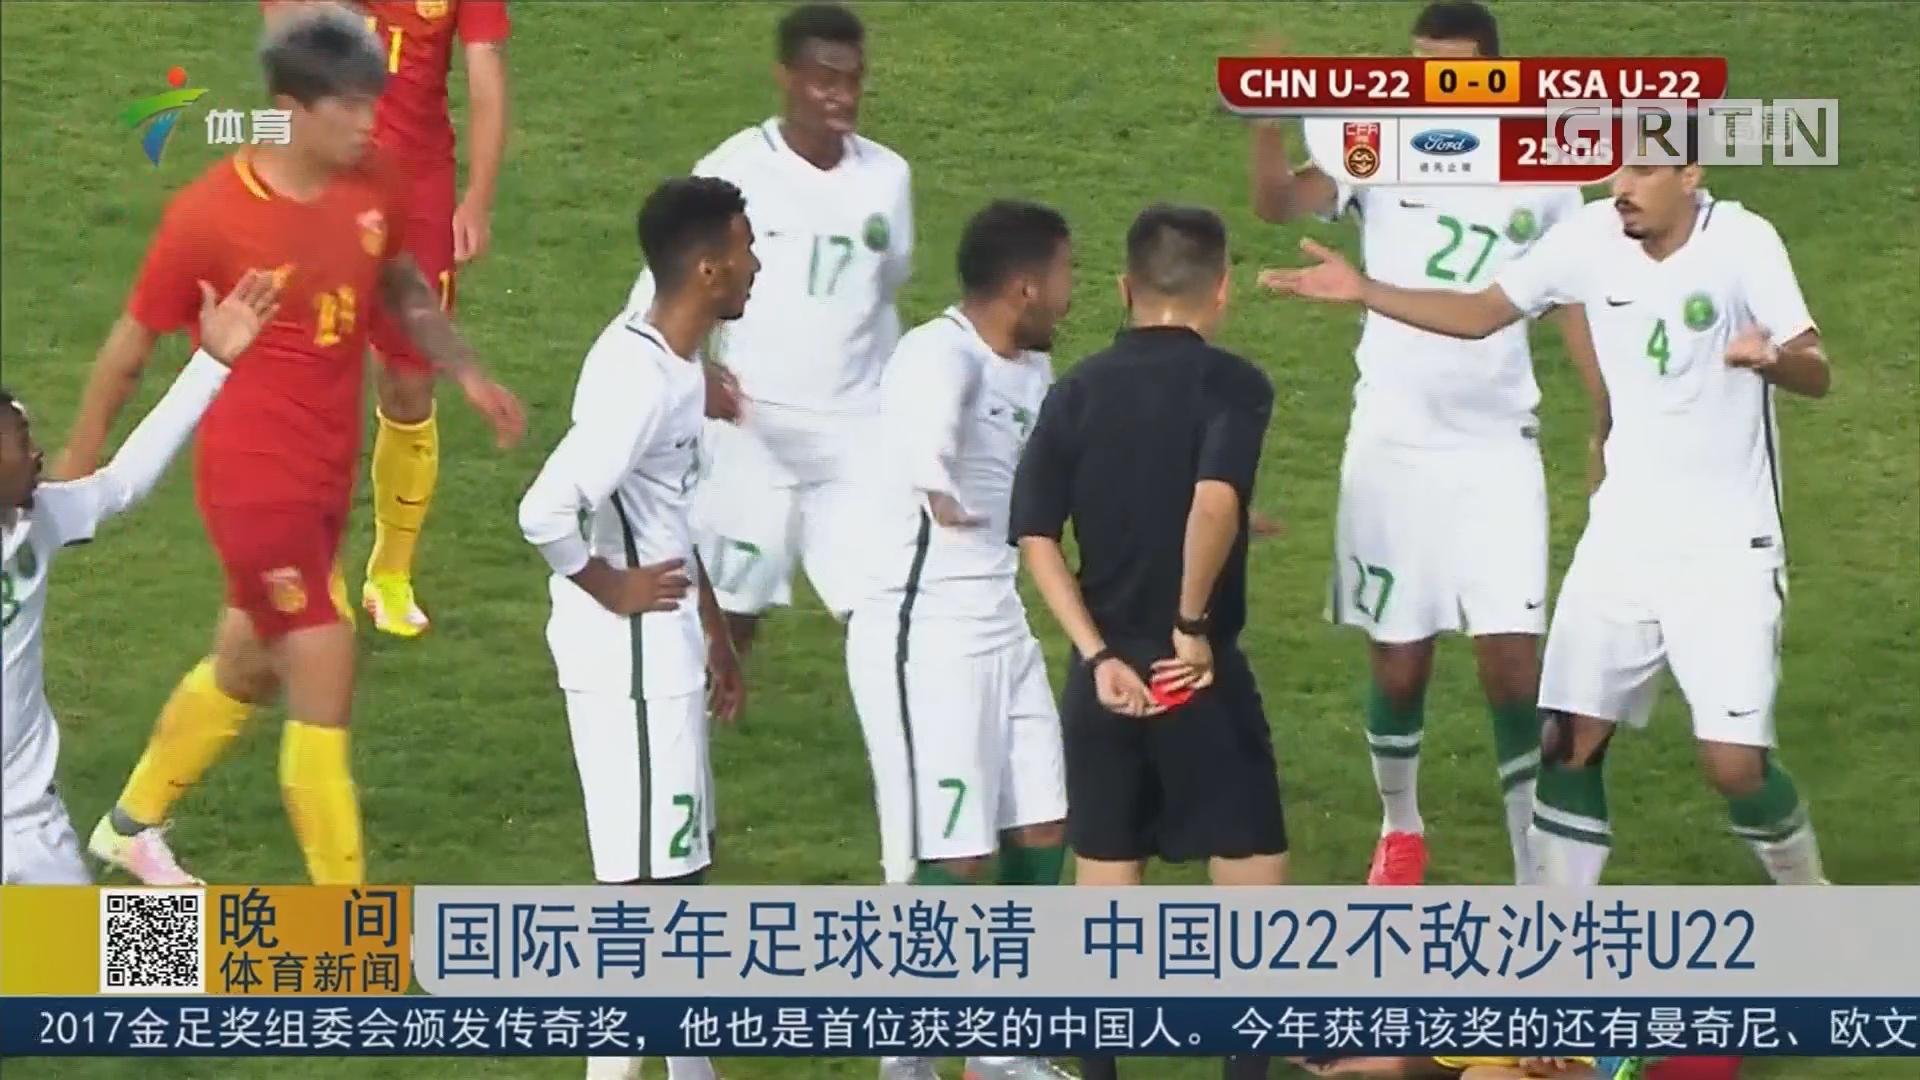 国际青年足球邀请 中国U22不敌沙特U22